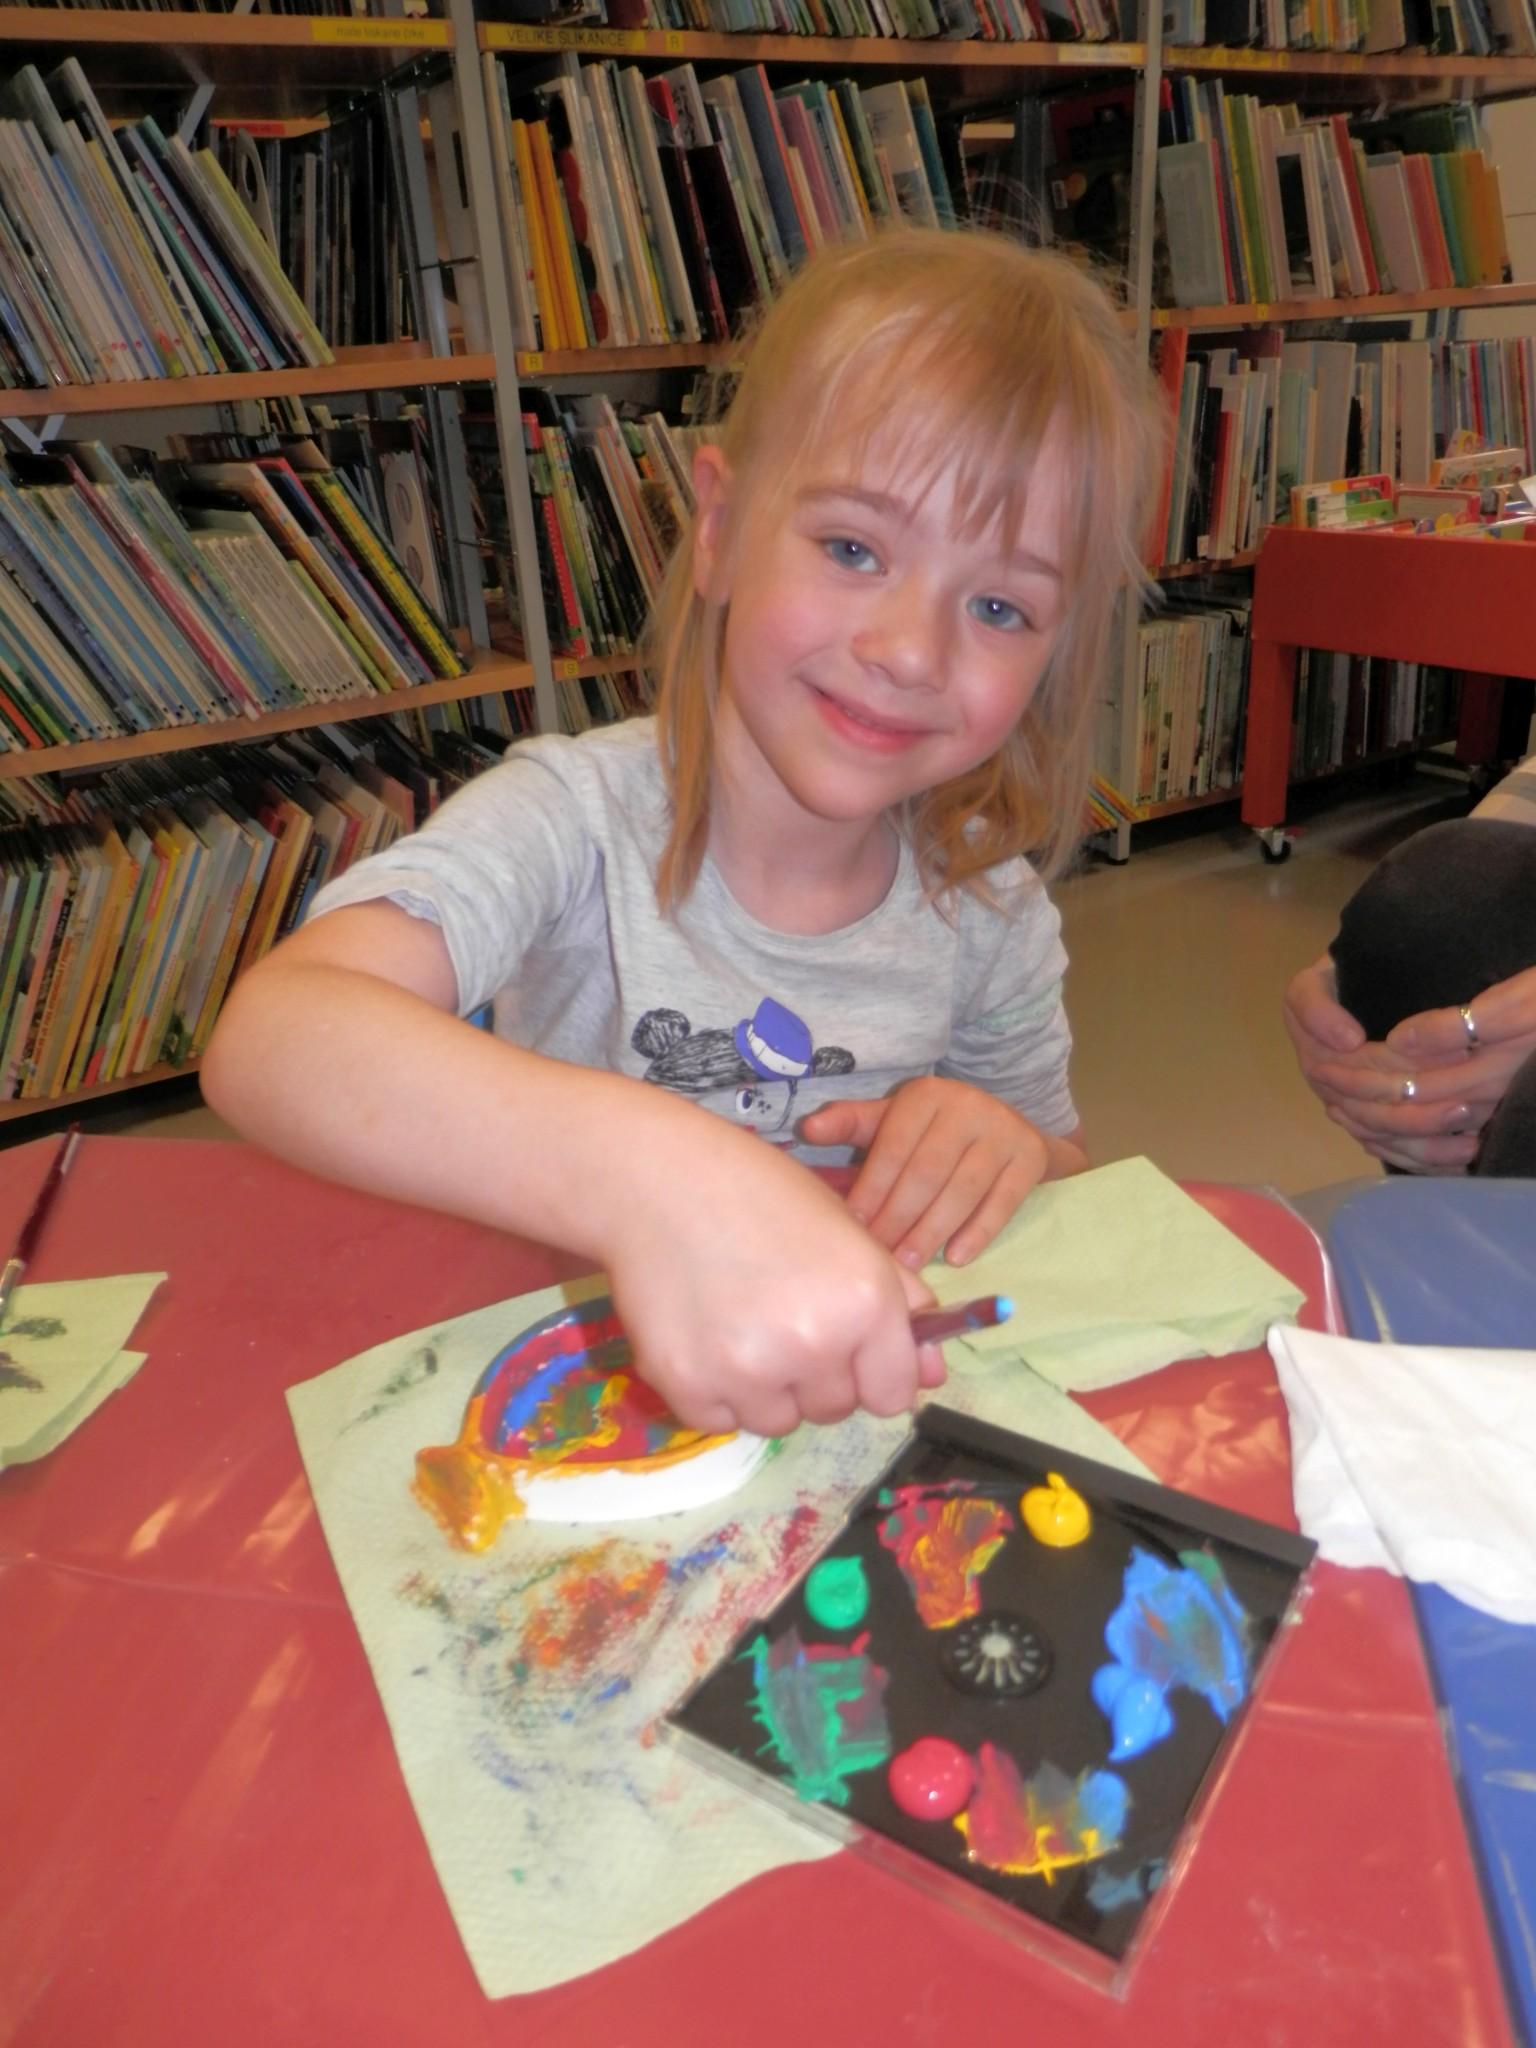 P6160171 - Pravljični rožnik - pravljična urica z ustvarjalno delavnico za otroke od 4. leta dalje